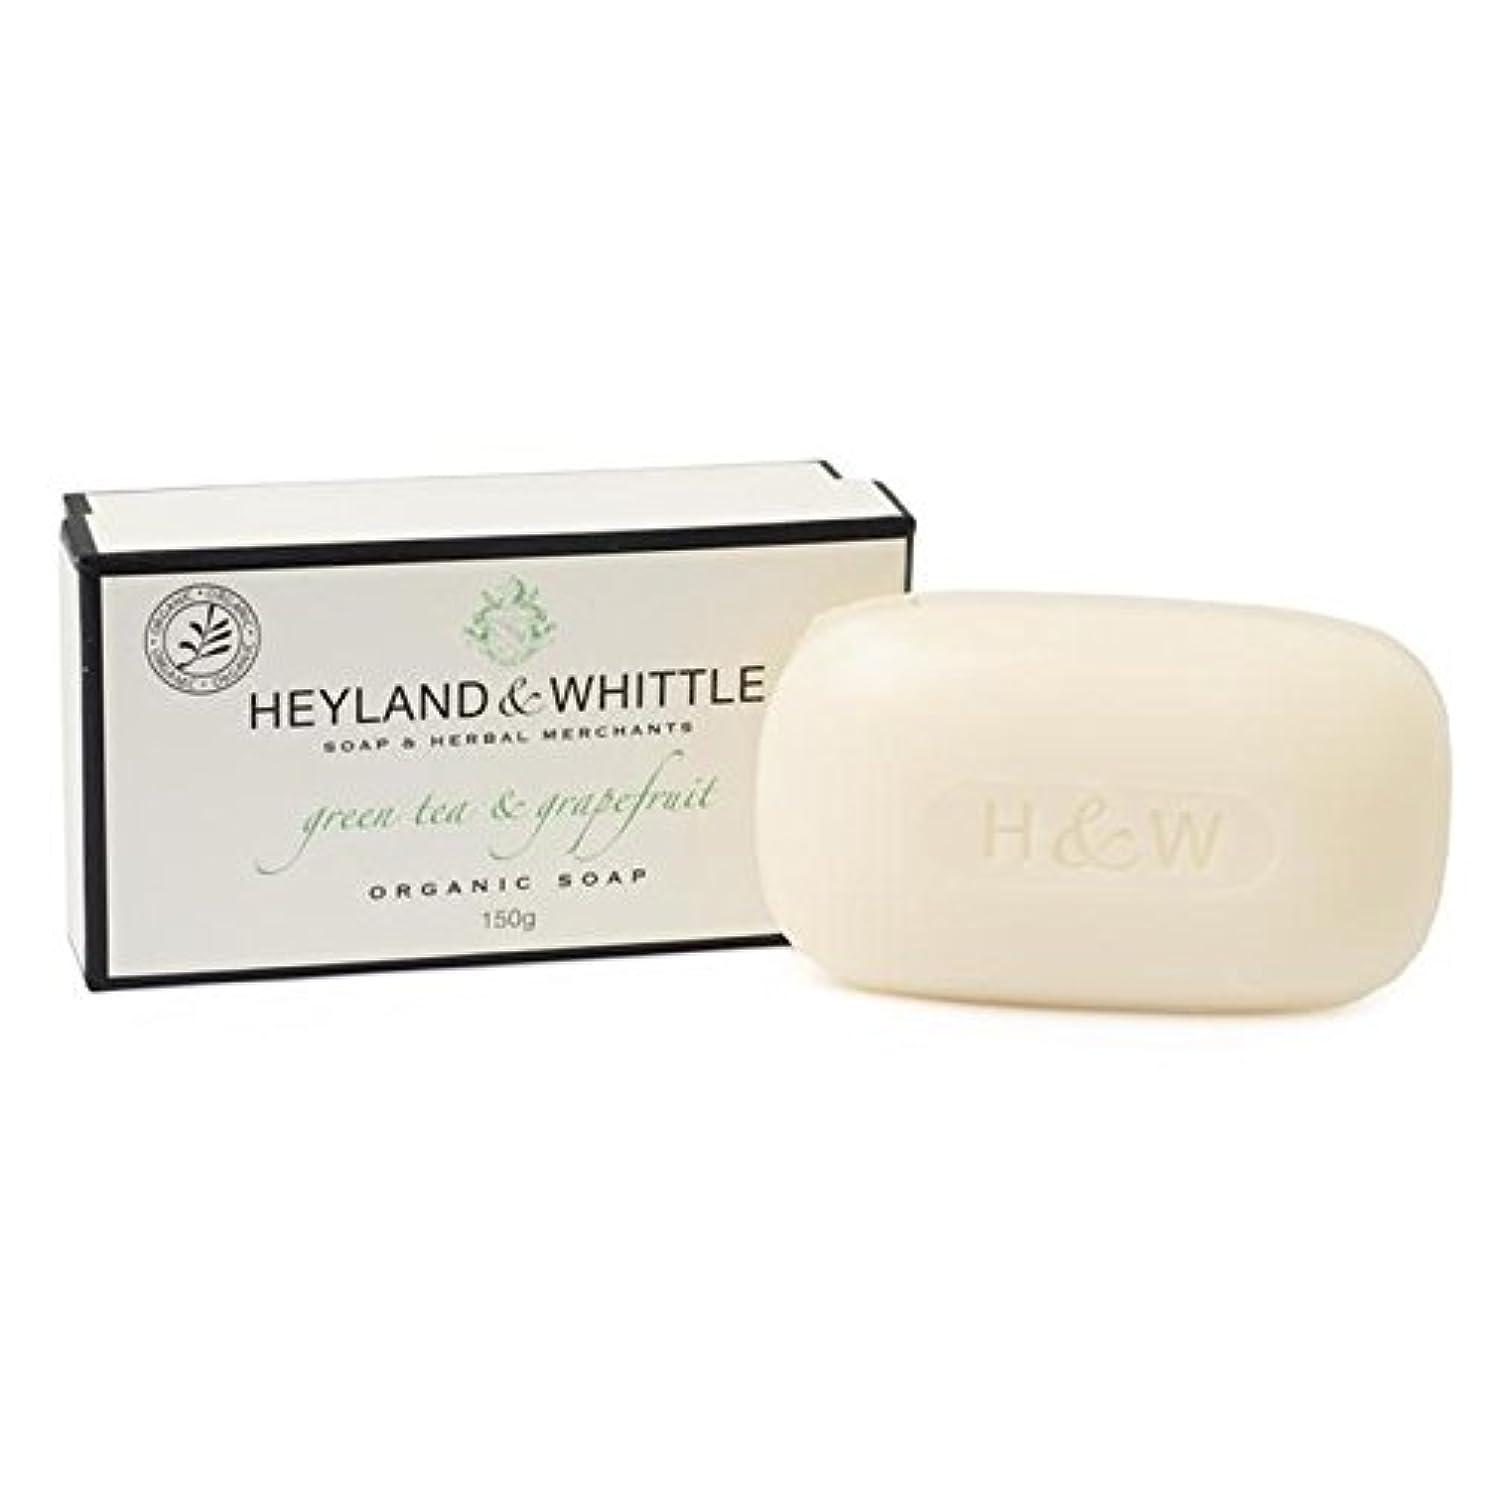 真鍮軍隊教育学Heyland & Whittle Green Tea & Grapefruit Boxed Organic Soap 150g - &削る緑茶&グレープフルーツはオーガニックソープ150グラム箱入り [並行輸入品]